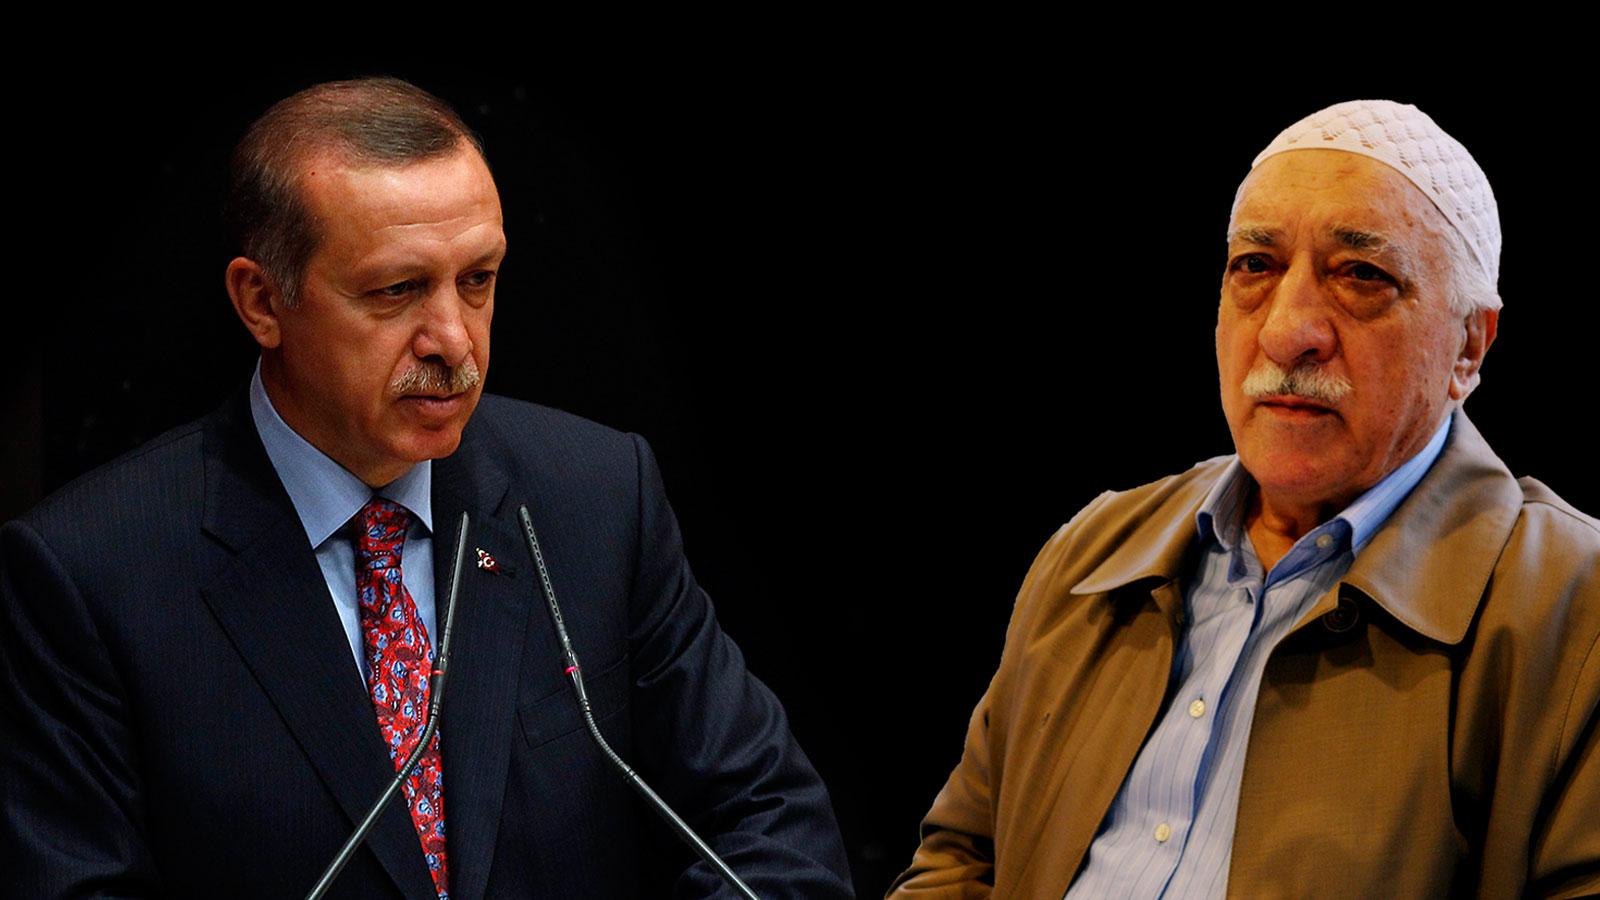 AKP 'suç ortağı'nı yargılarsa: Yargıç, verdiği dinleme kararını uygulayan polisleri yargılıyor